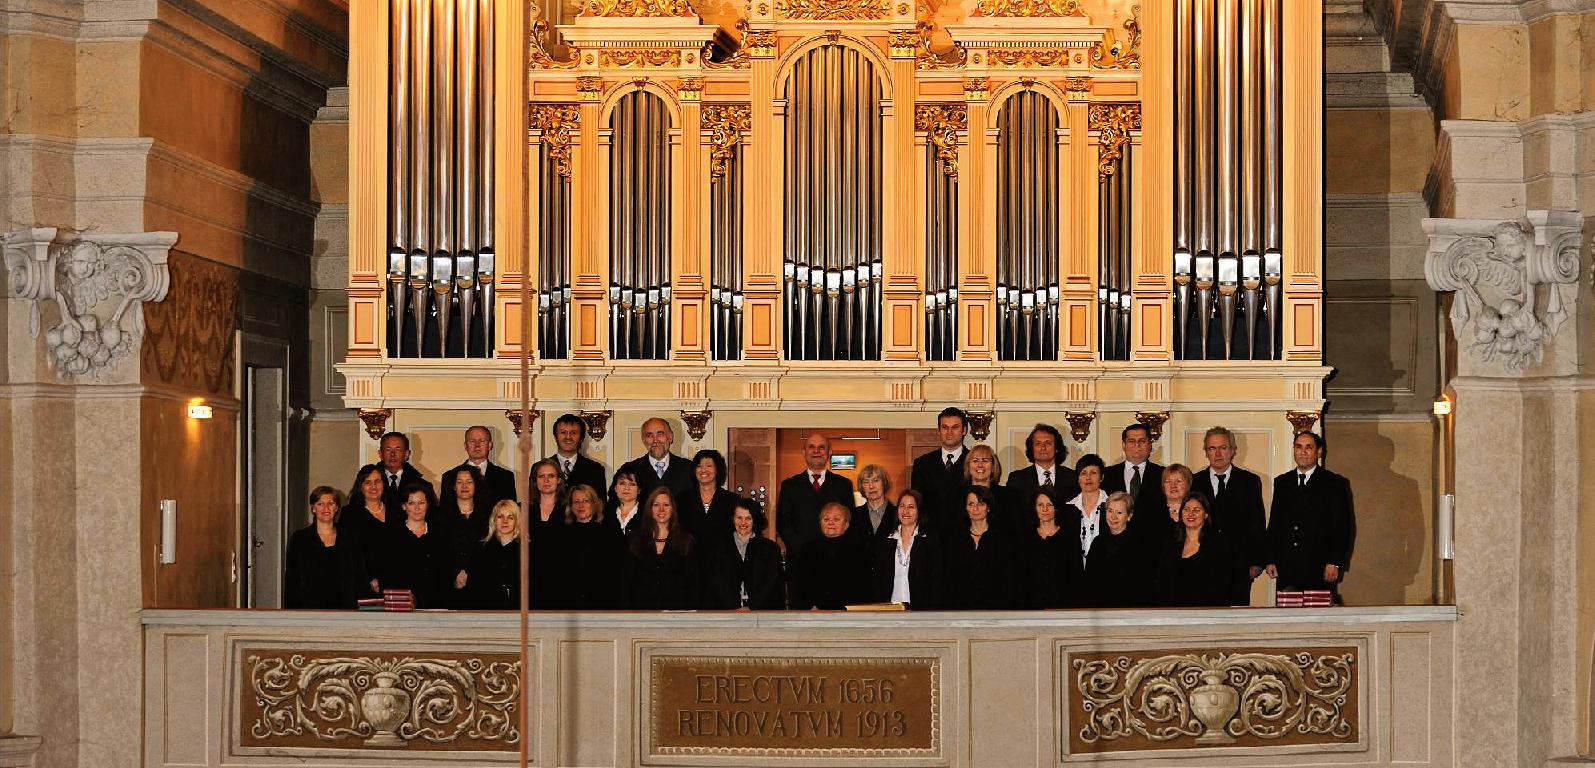 Musica Sacra Lockenhaus | Alle Mitglieder | Leitung Wolfgang Horvath